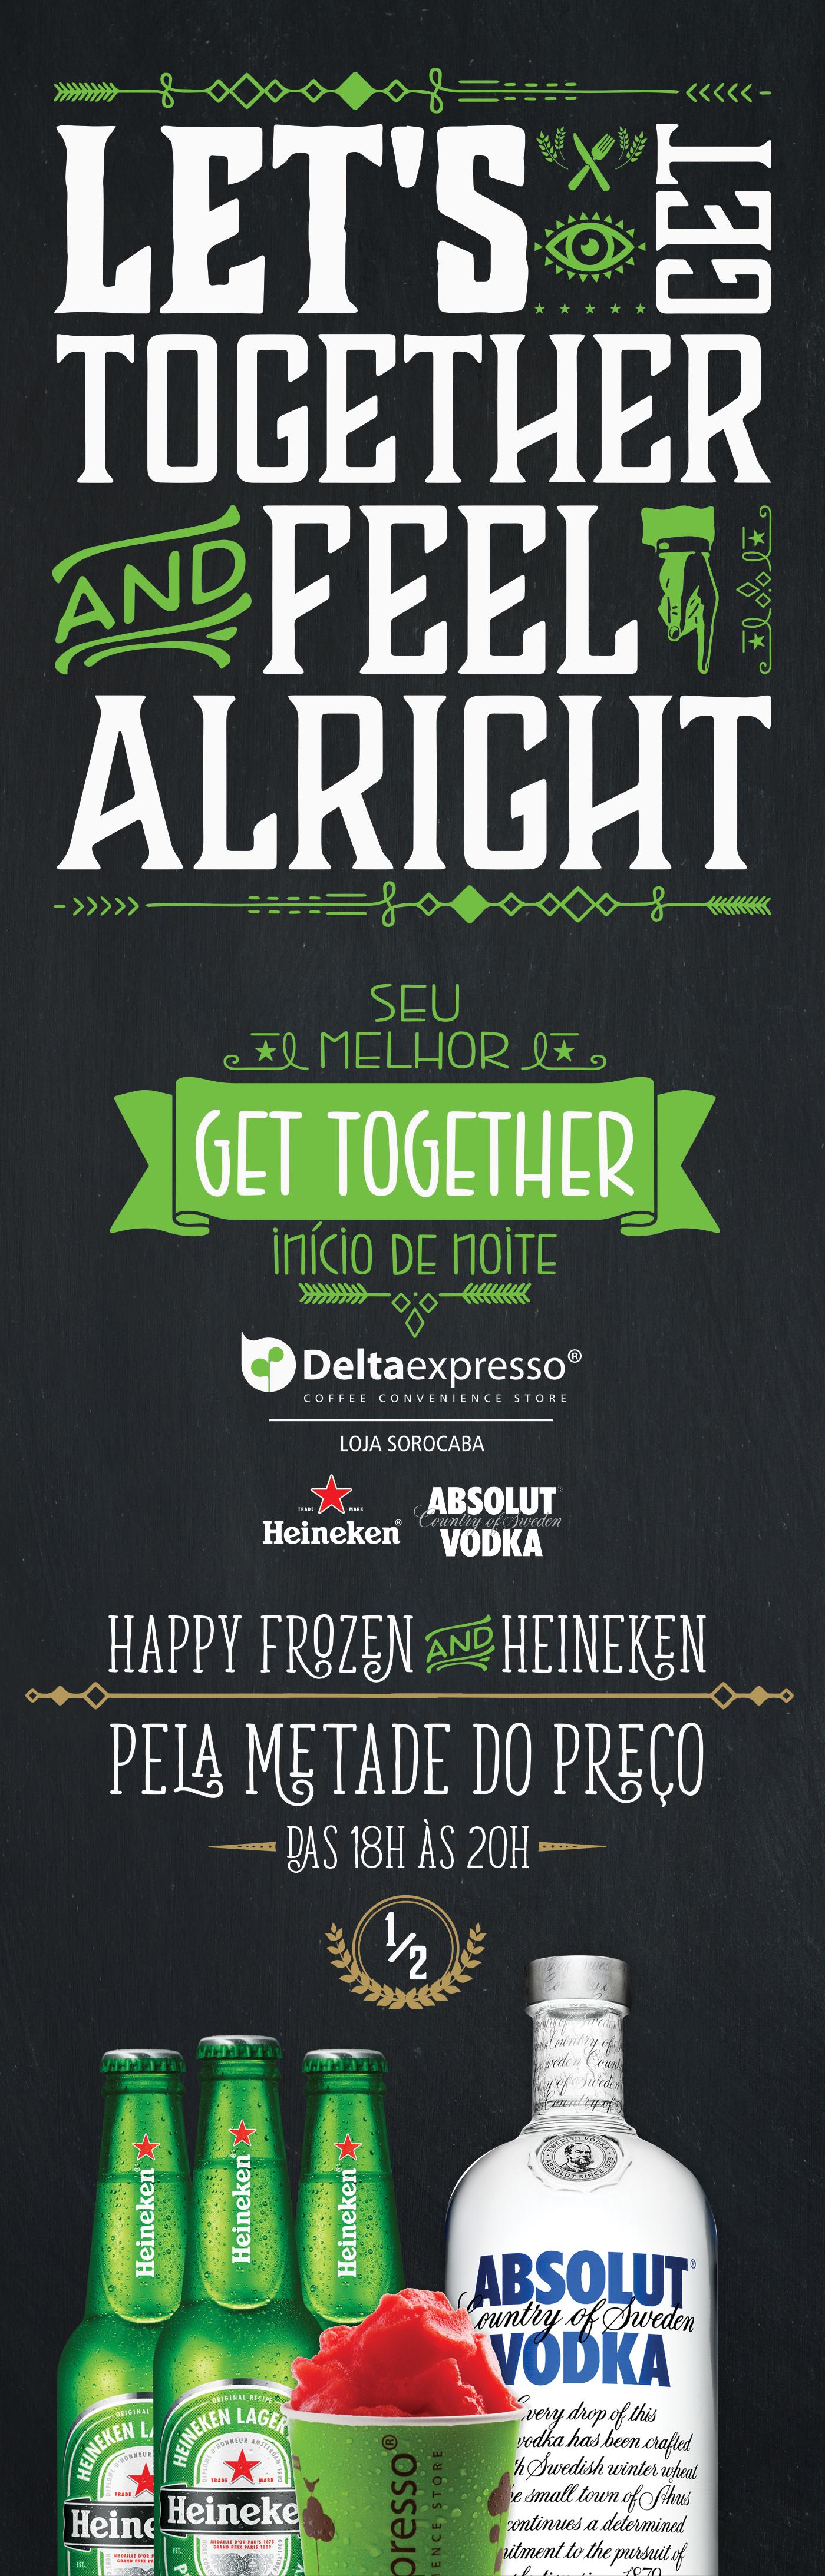 recife deltaexpresso Happy Hour GET TOGETHER heineken absolut frozen drink bar